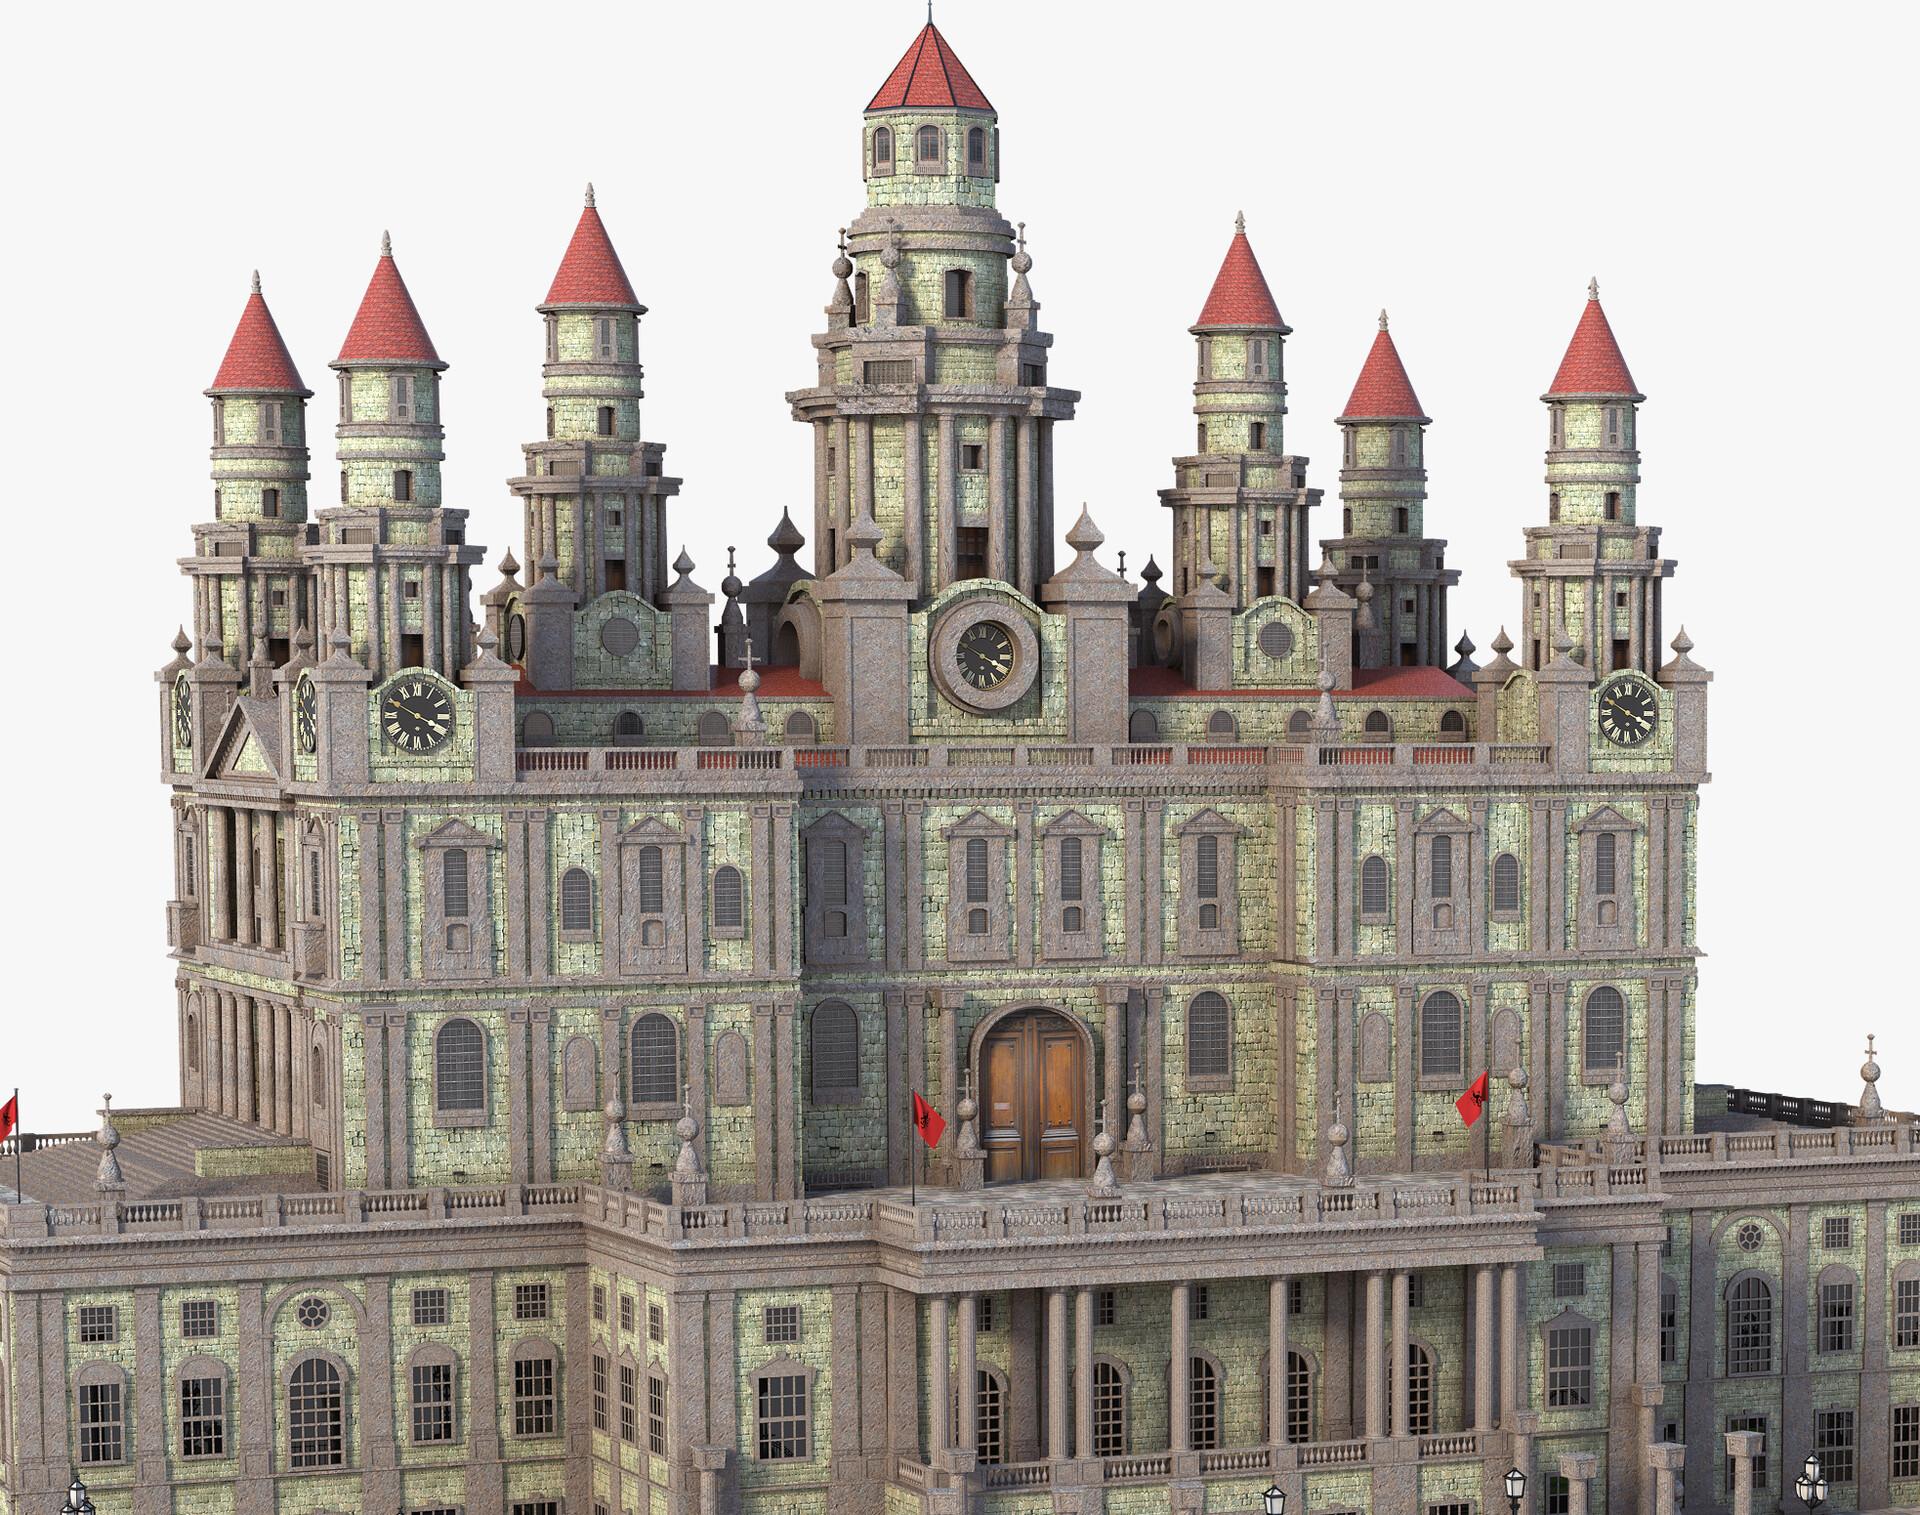 Marc mons castle4